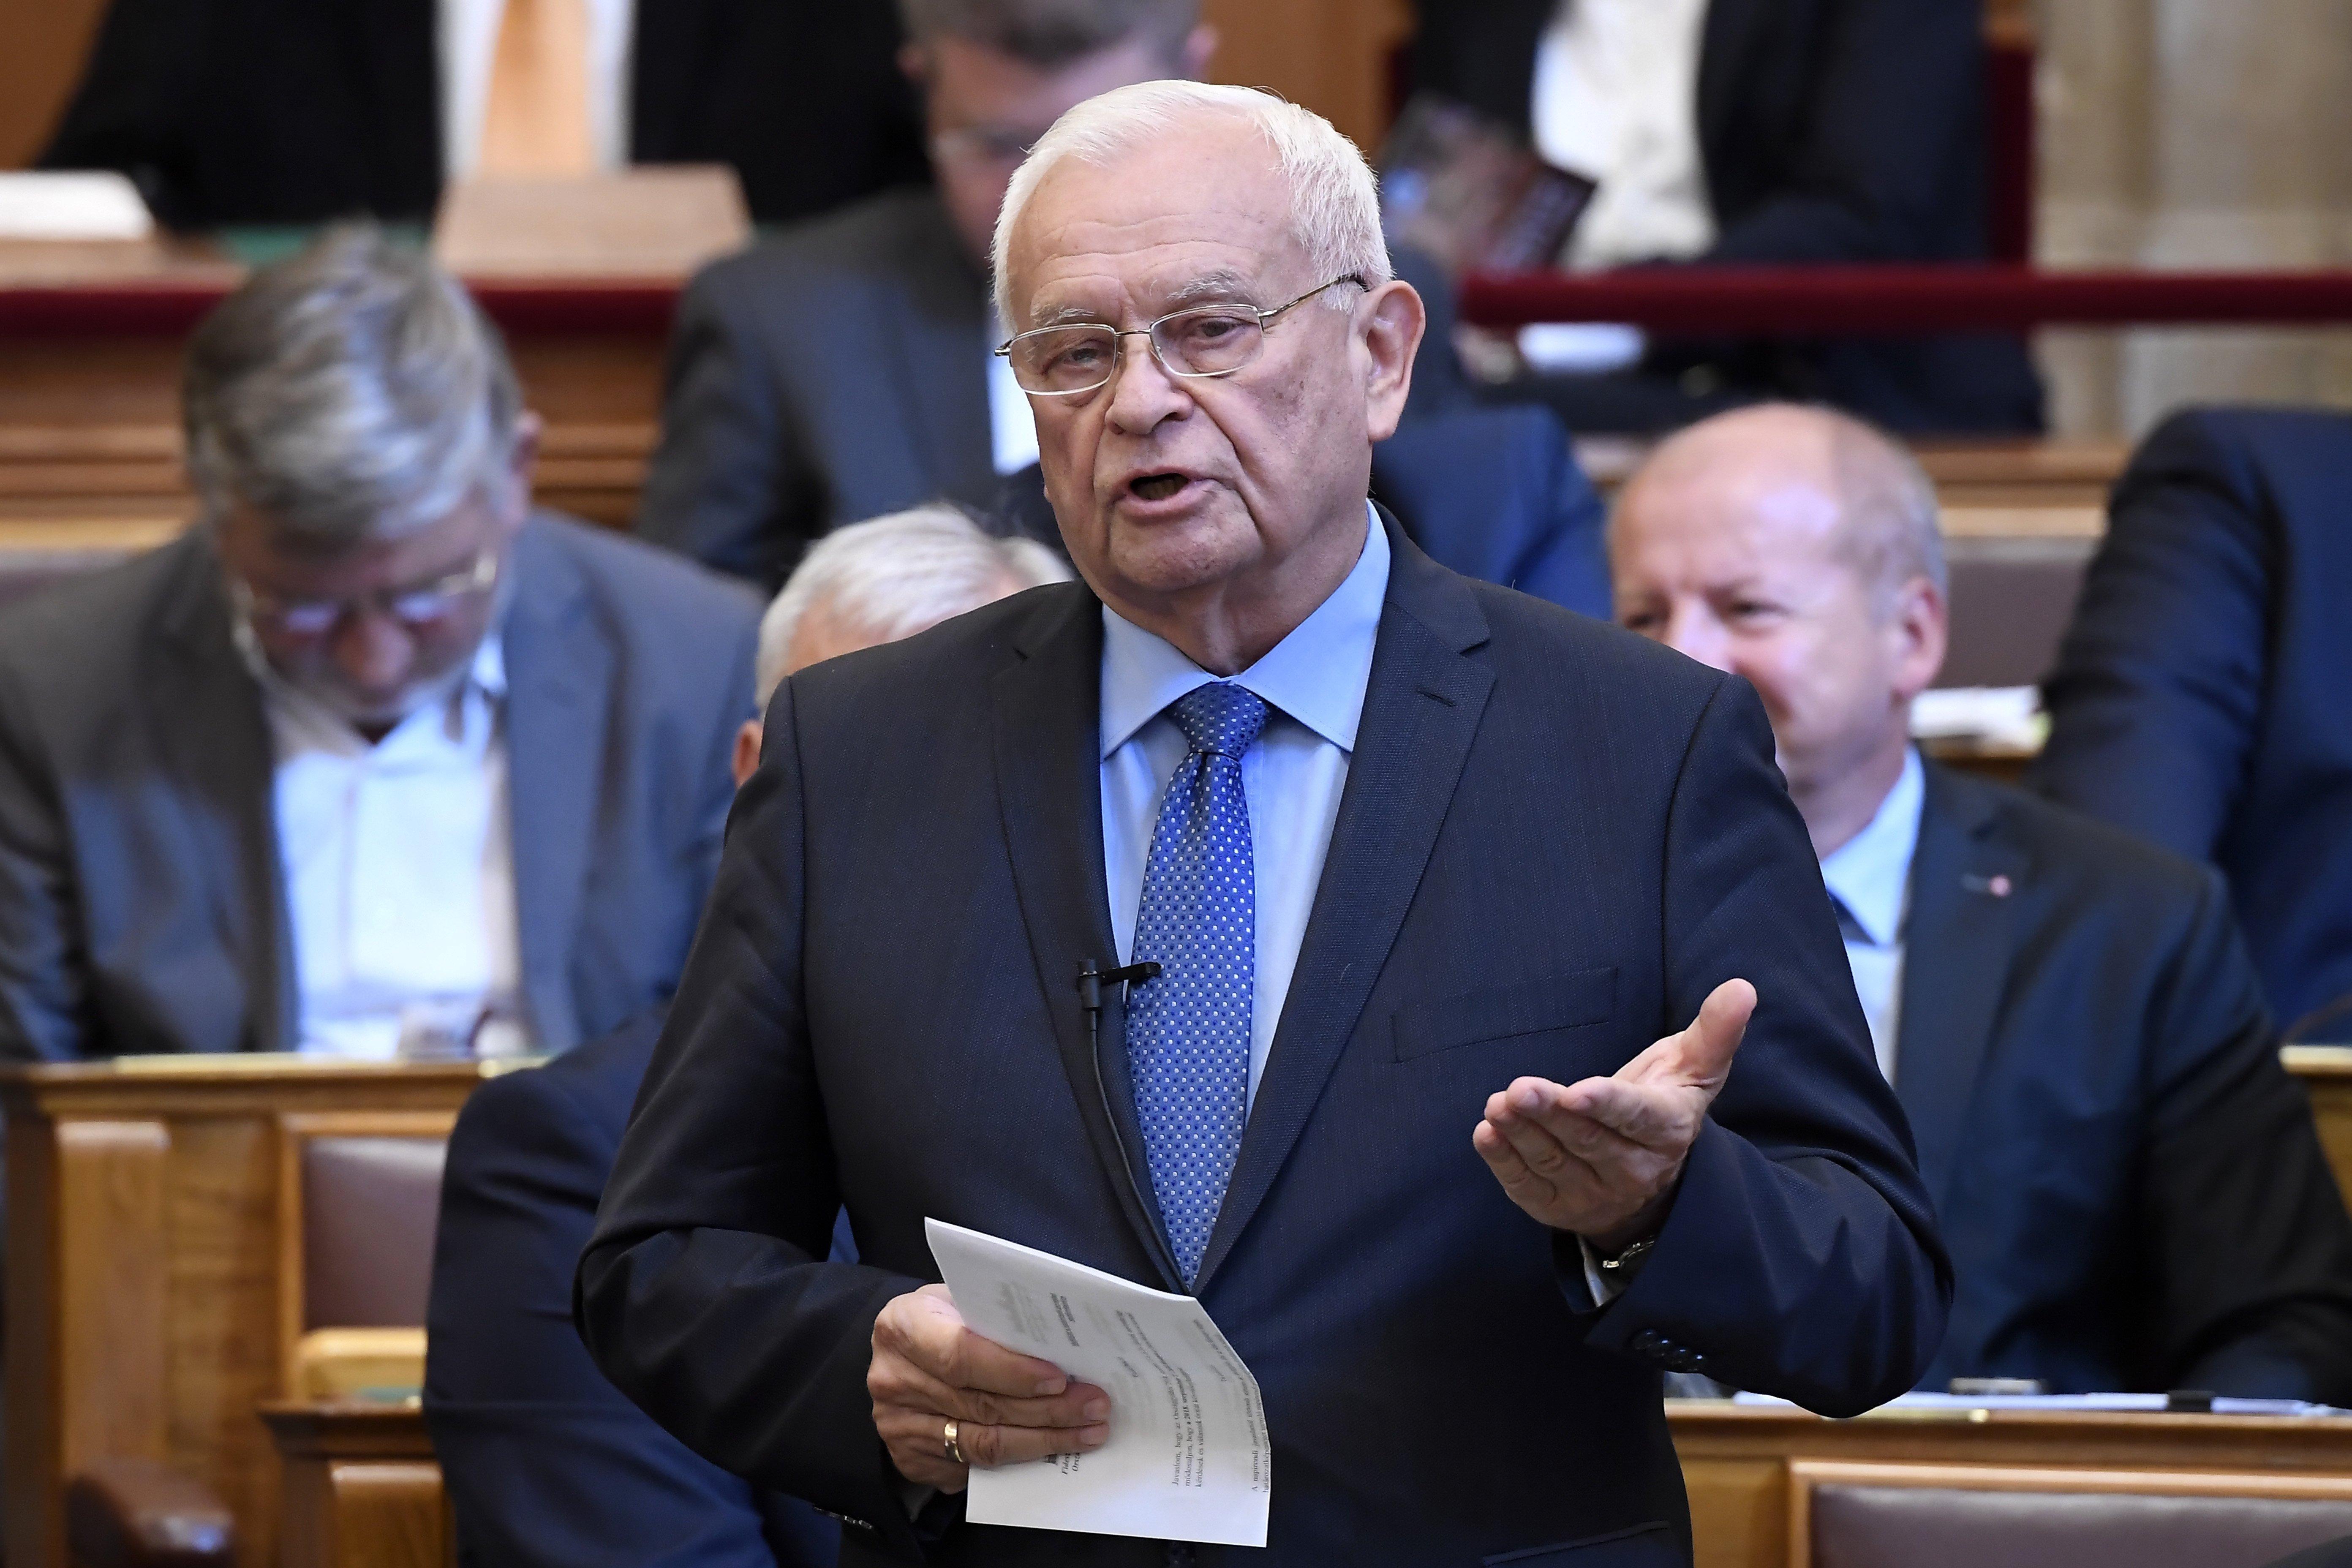 Harrach Péter szerint az ellenzéki képviselők erőszakoskodtak a tévészékházban